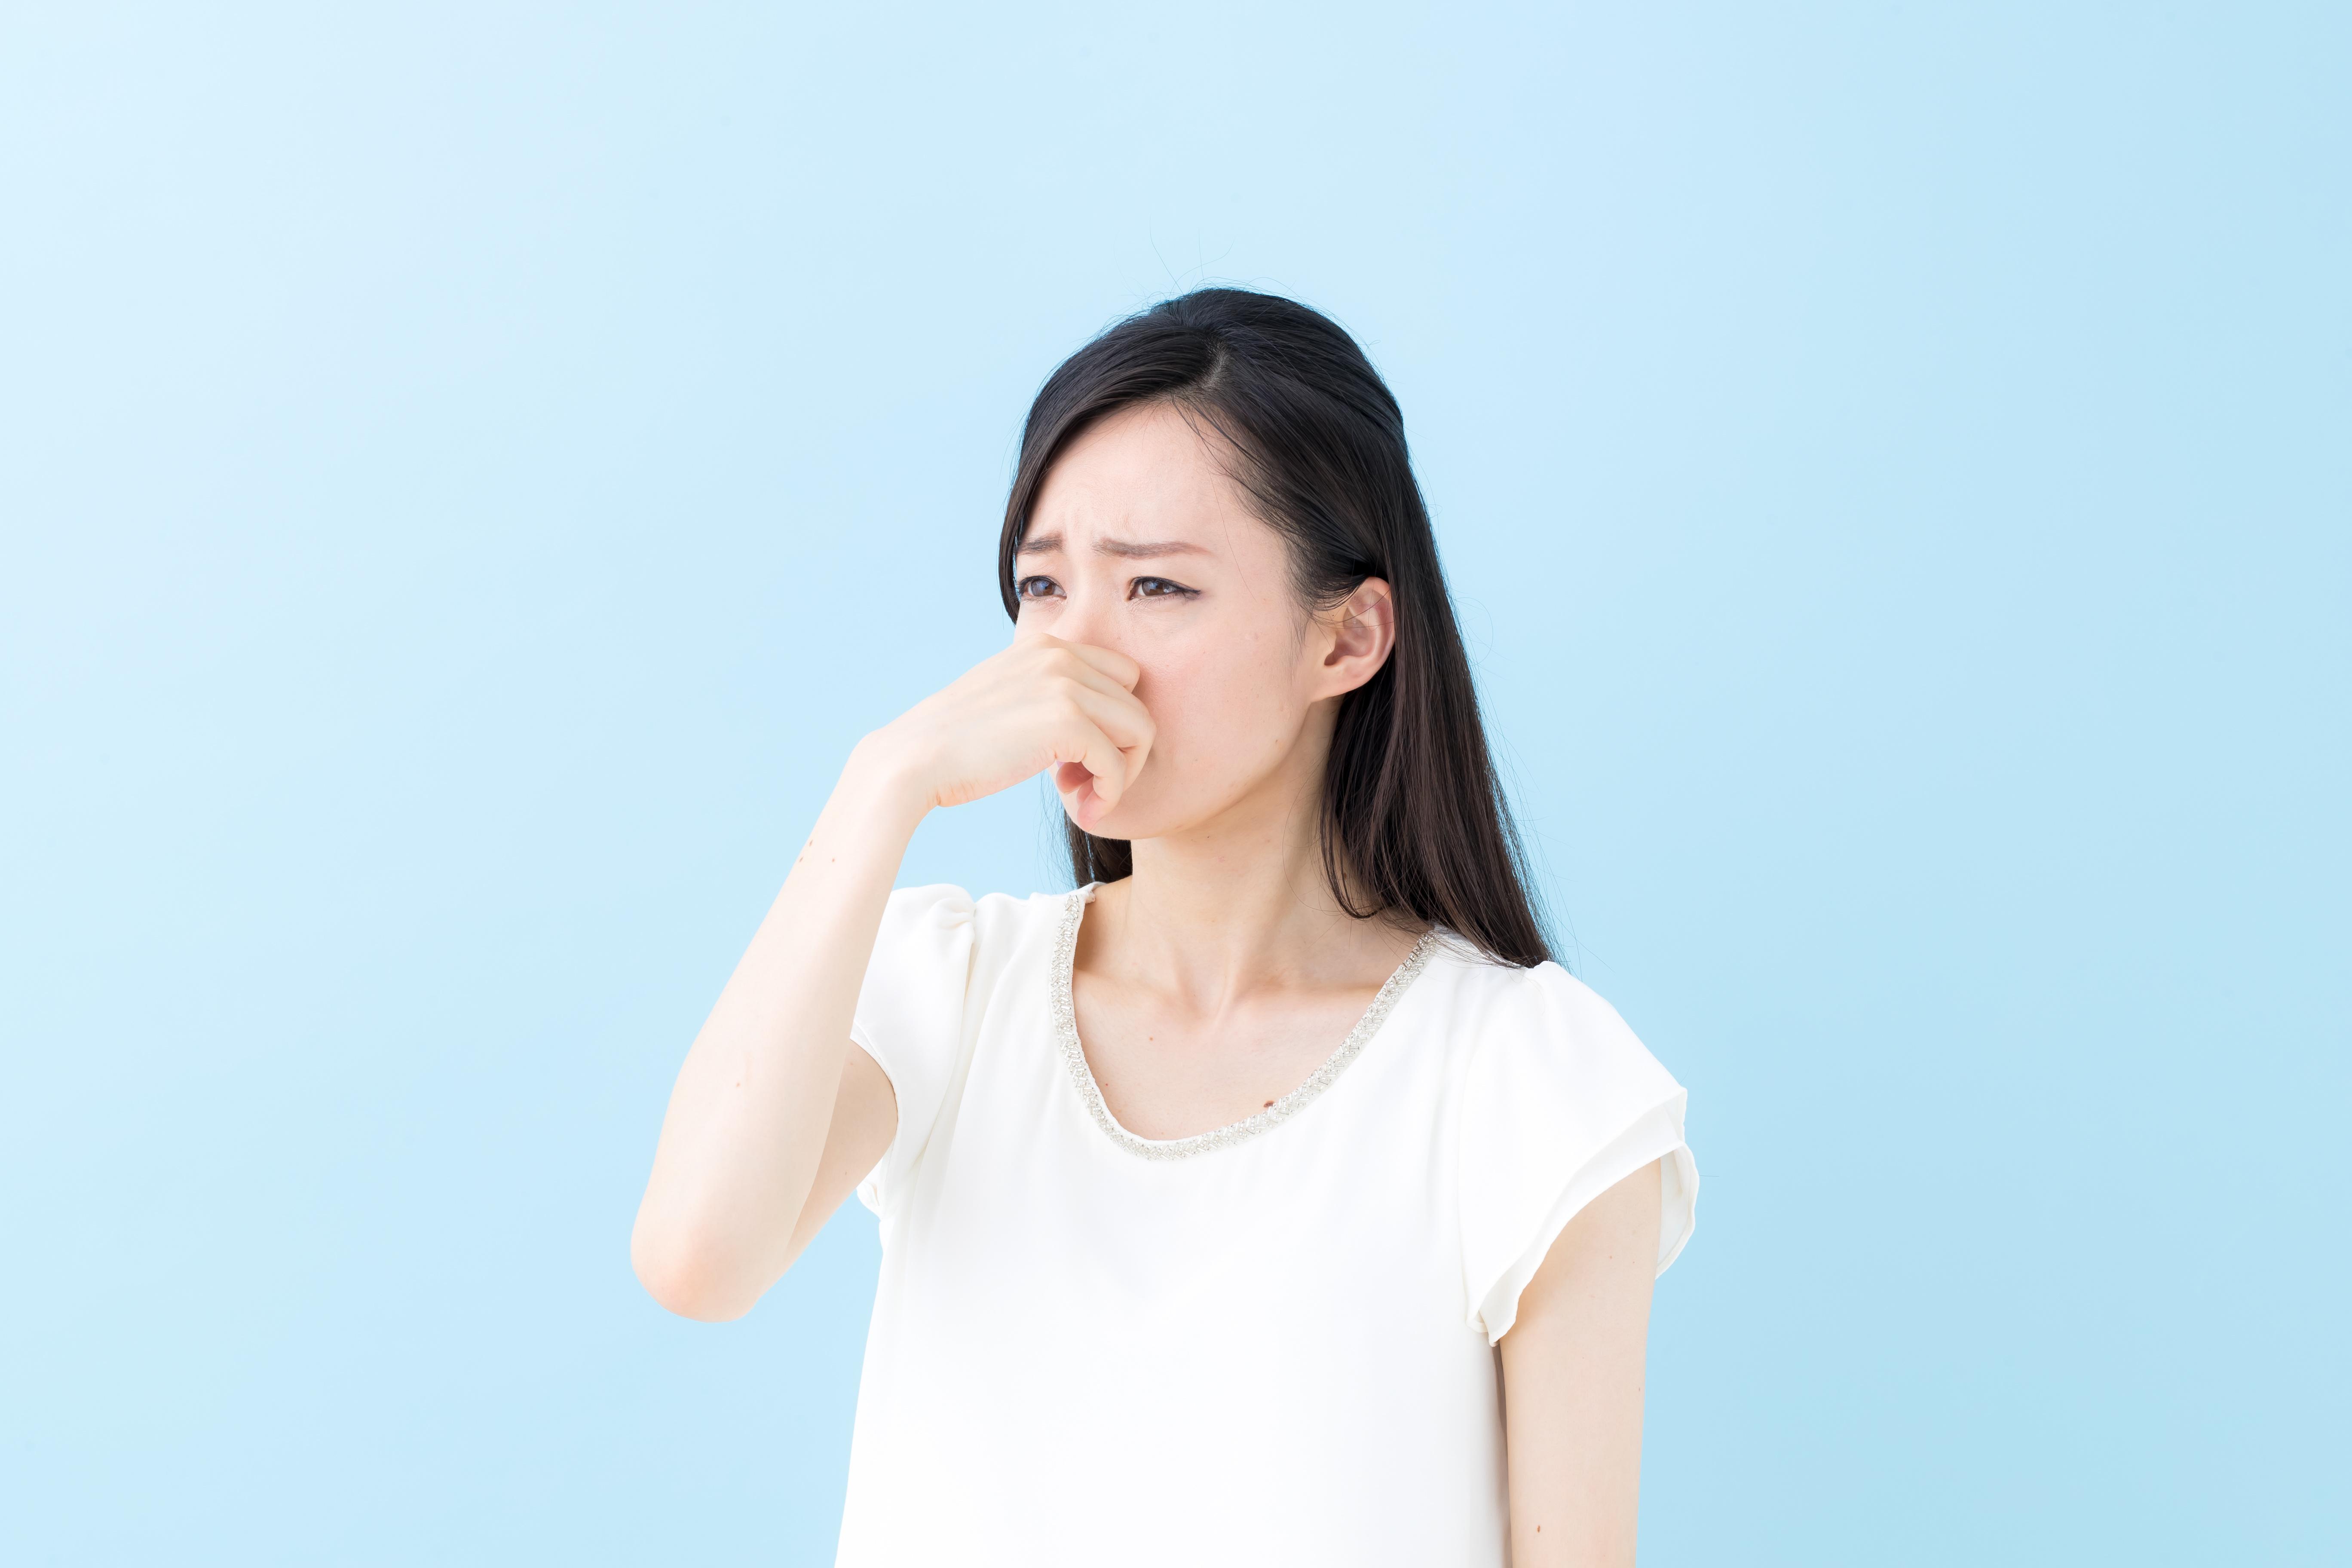 L'étude engage les cliniciens à inclure ces déficiences sensorielles dans le dépistage primaire de la maladie.